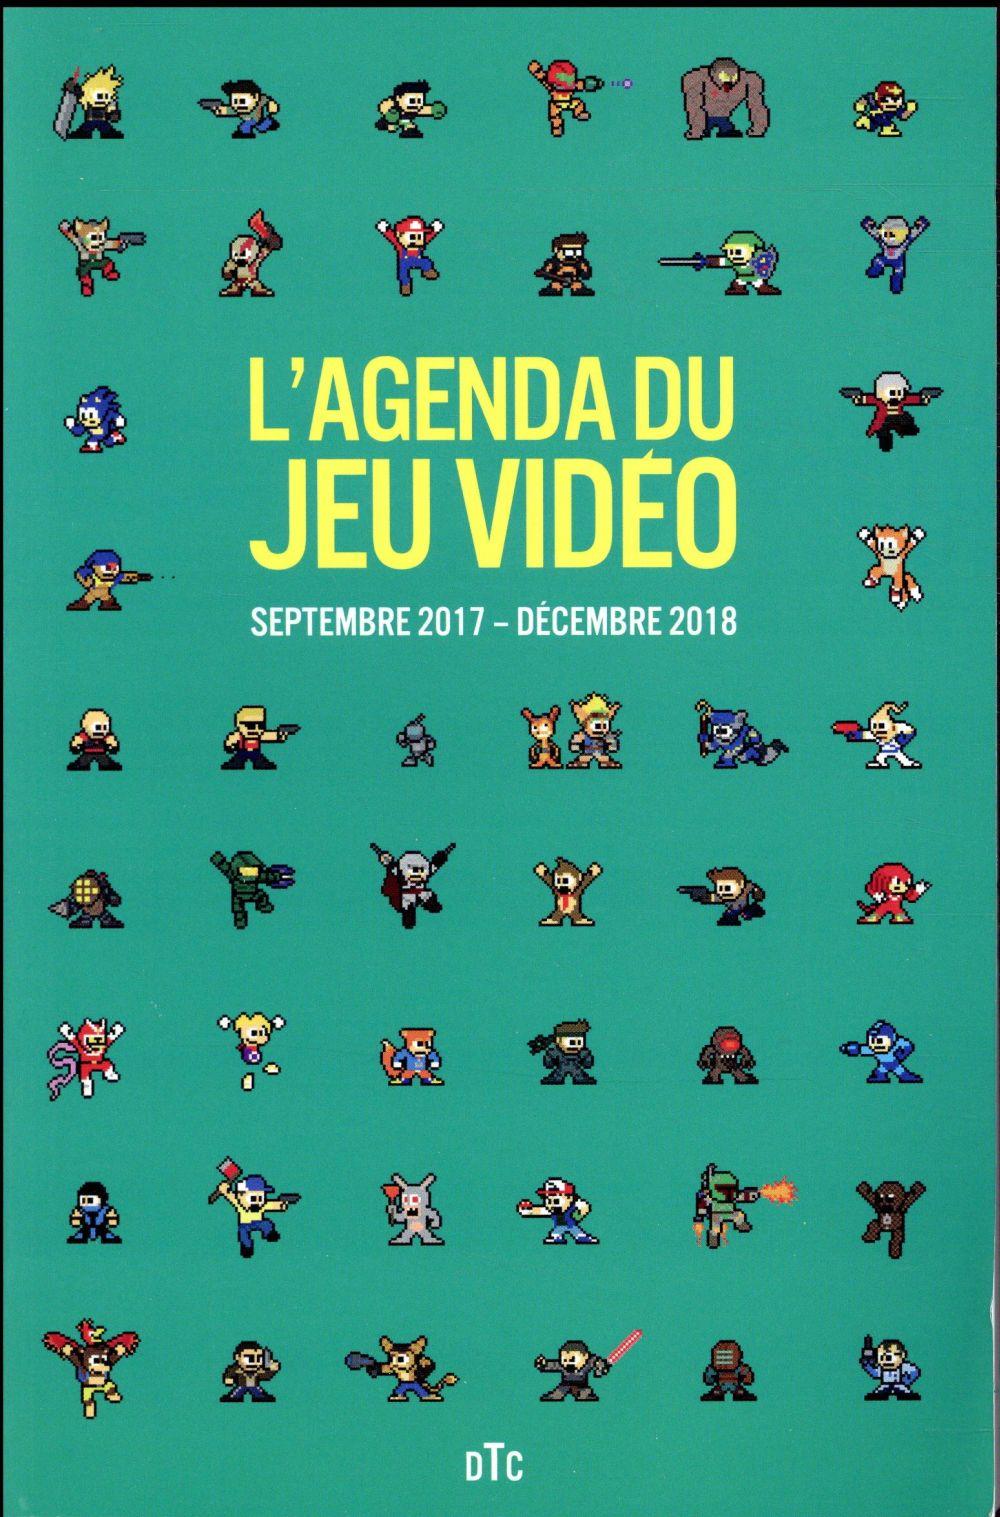 L AGENDA DU JEU VIDEO